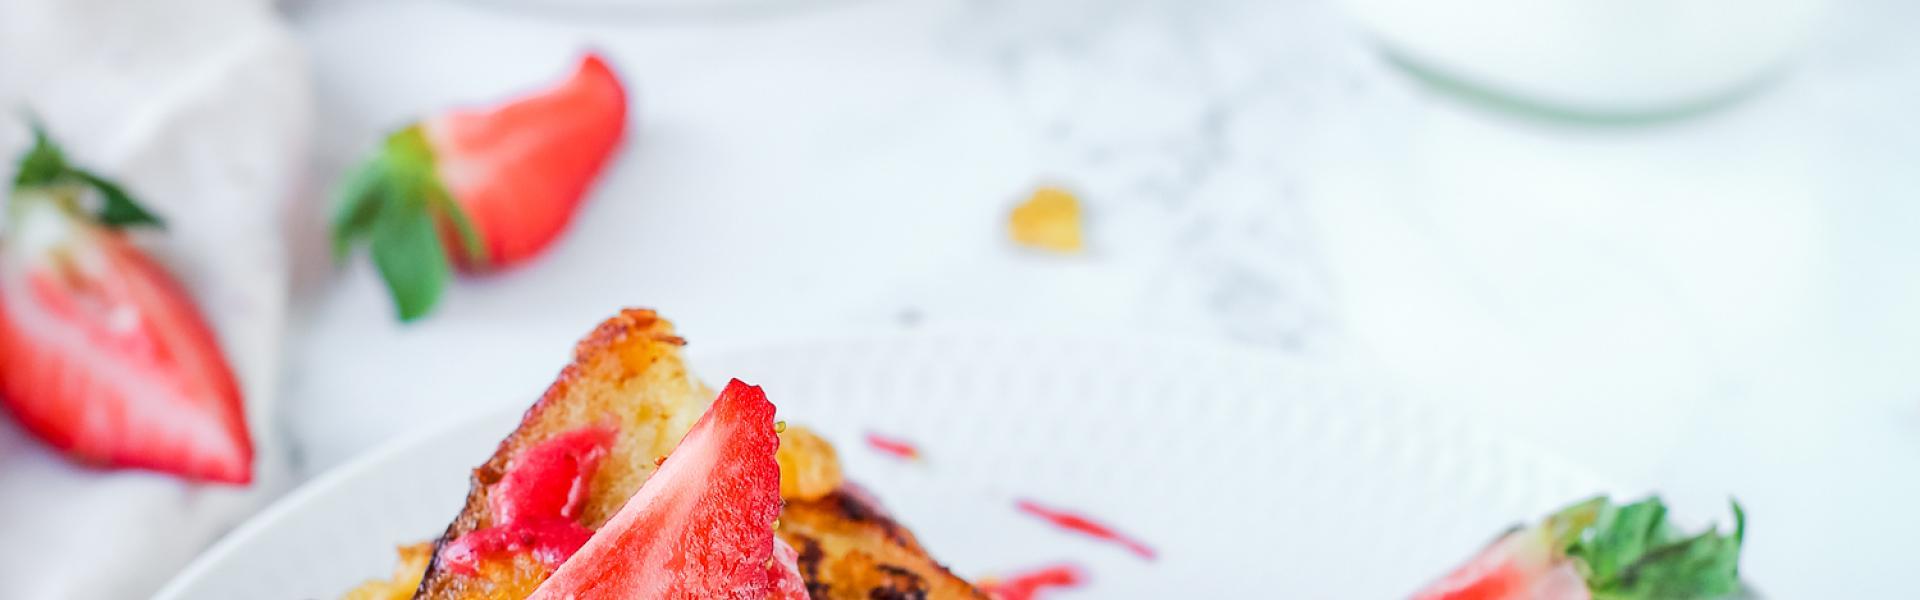 Mehrere French Toast mit Erdbeermus liegen auf einem Teller aufgeschnitten und mit Mus bekleckst.